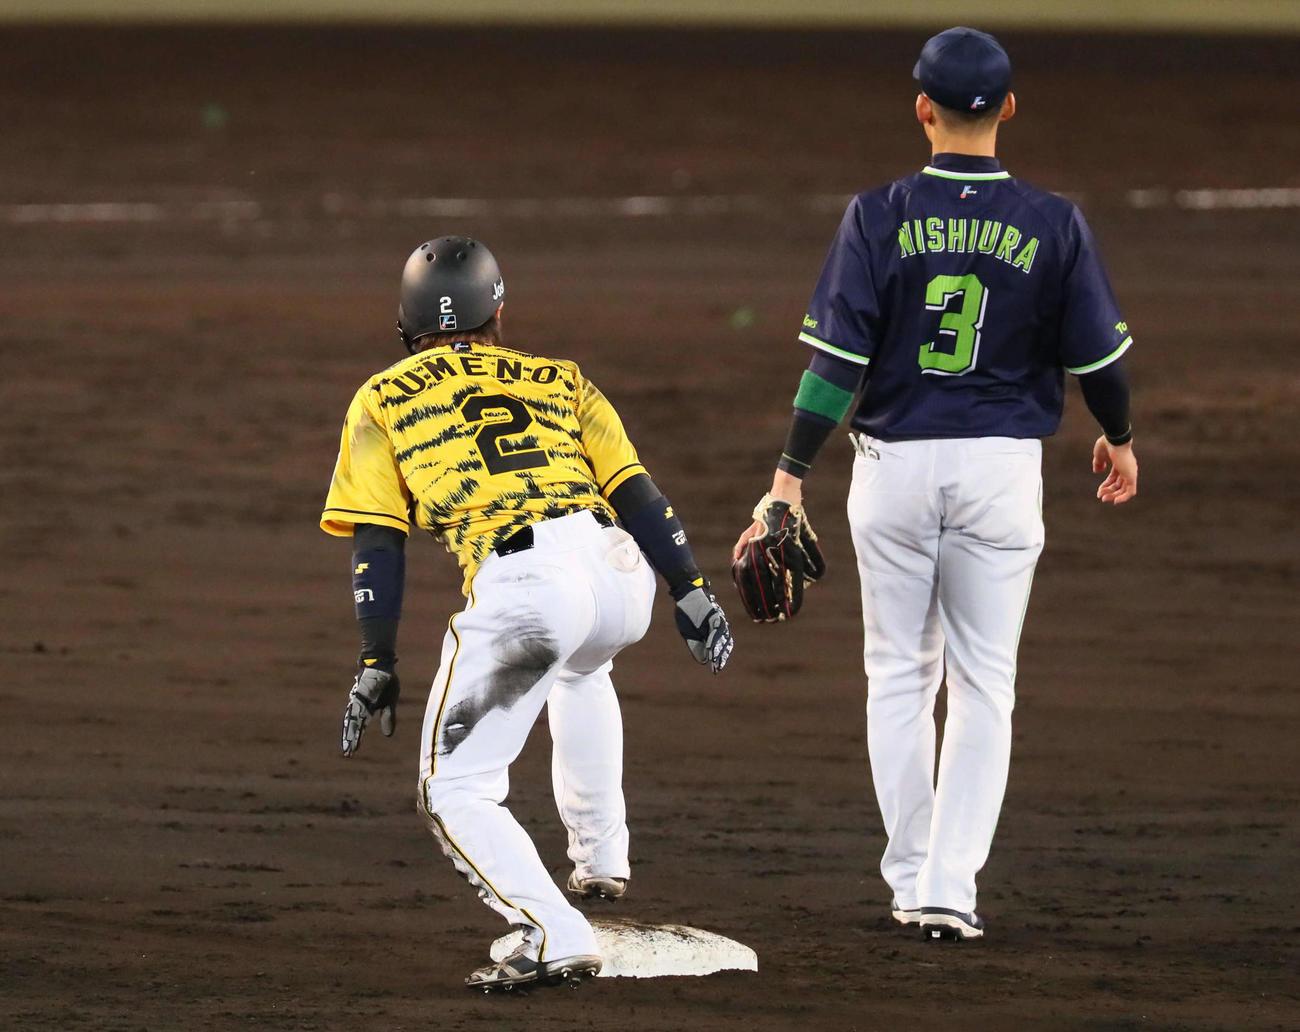 阪神対広島 5回裏阪神2死一塁、打者藤浪の時、梅野は余裕で二盗を決める(撮影・宮崎幸一)